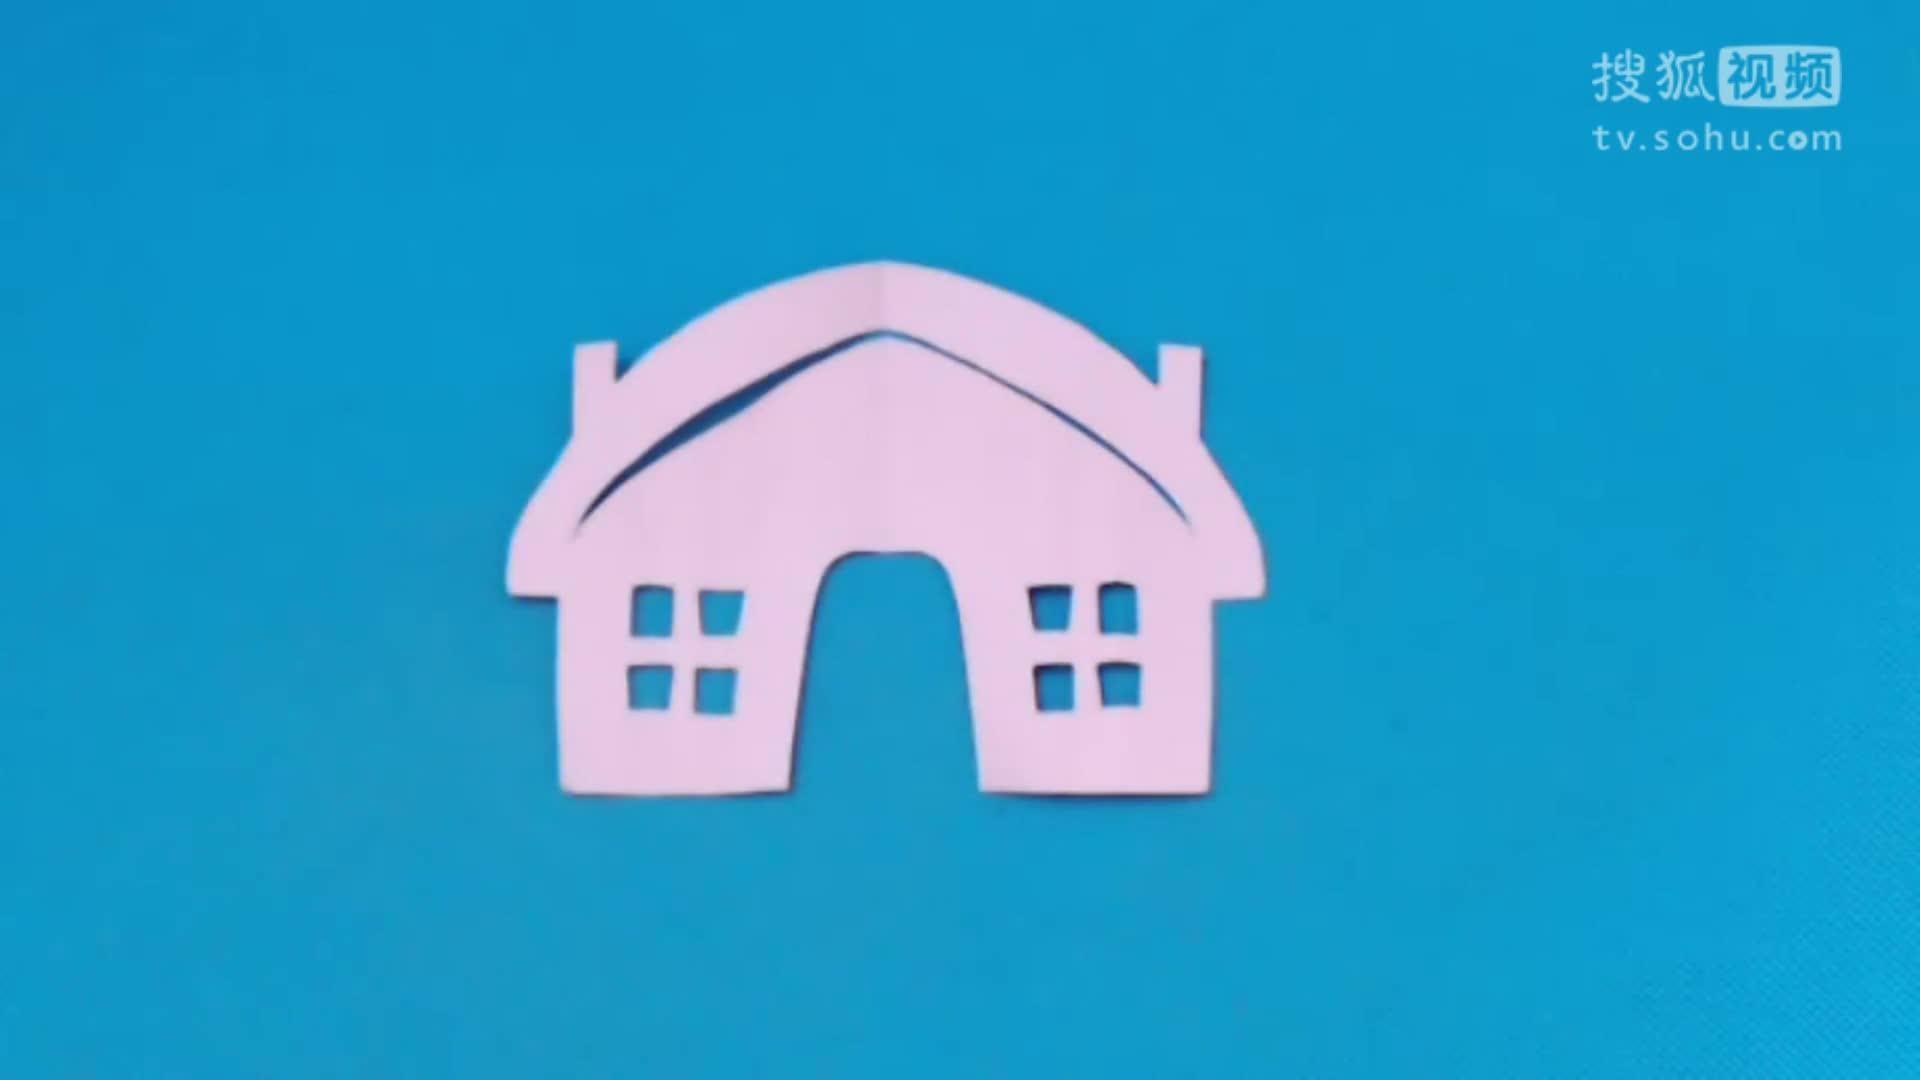 剪紙小課堂30:小房子 4 兒童剪紙教程視頻大全 親子手工diy教學 .